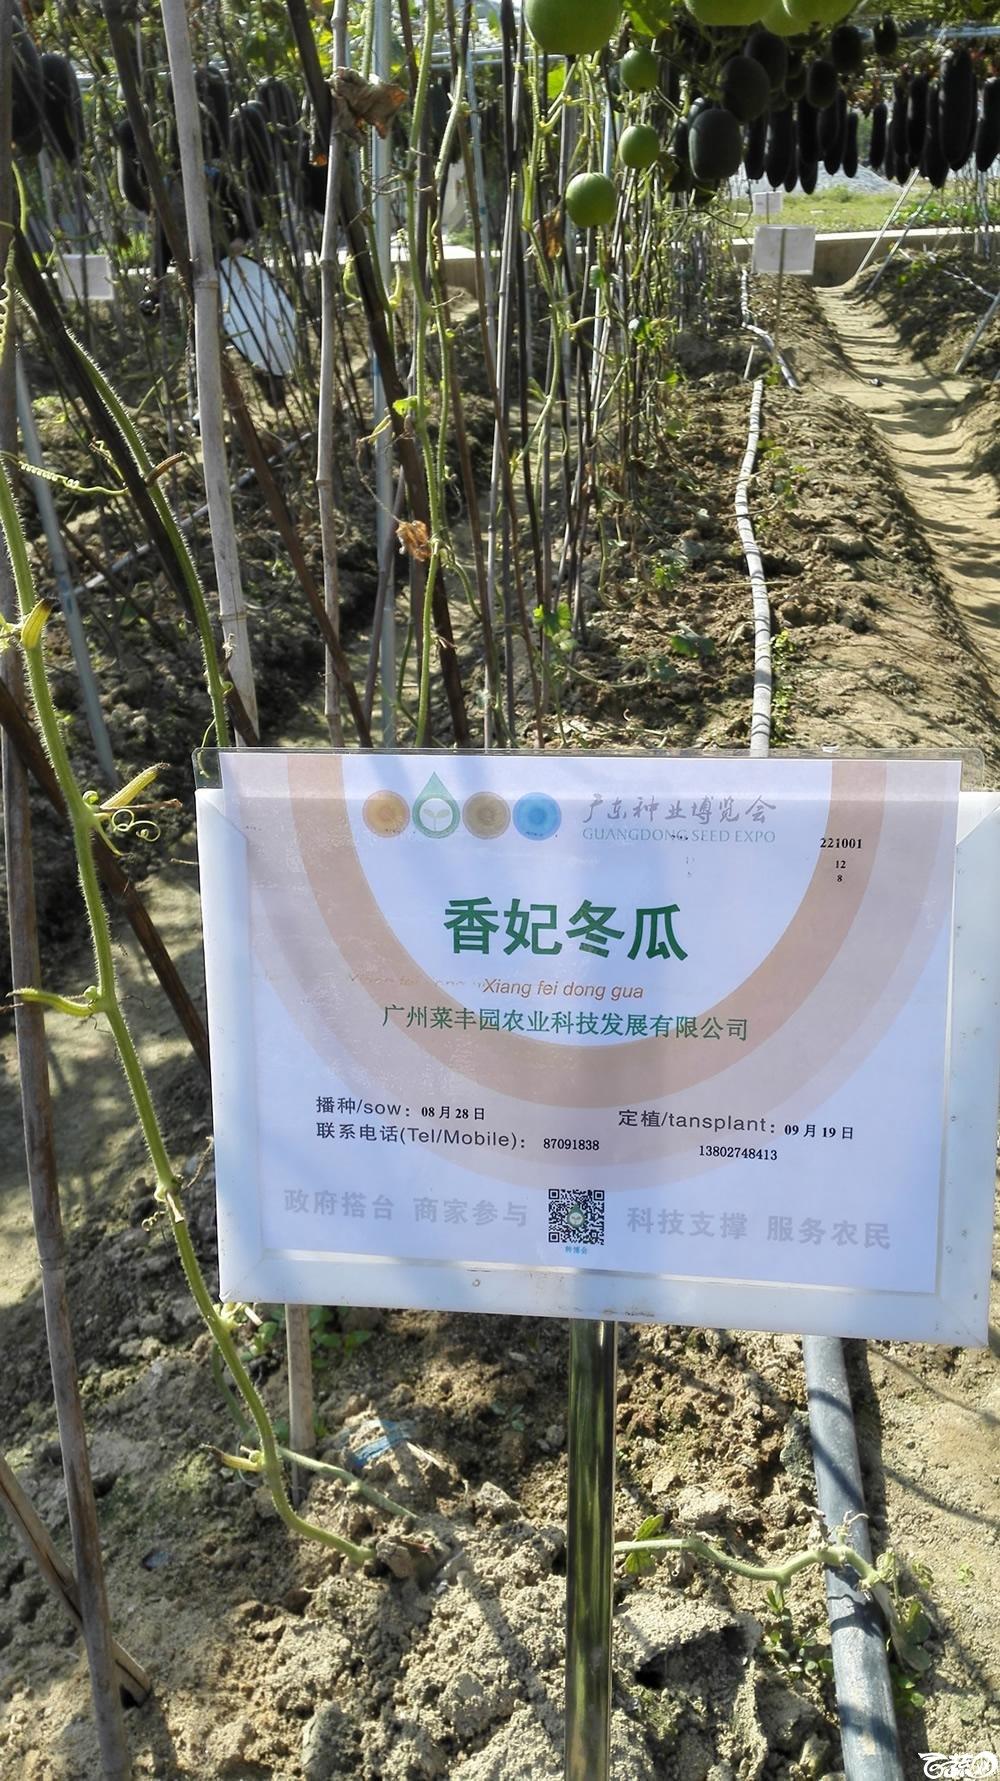 2014年12月12号广东种博会_瓜类_104.jpg